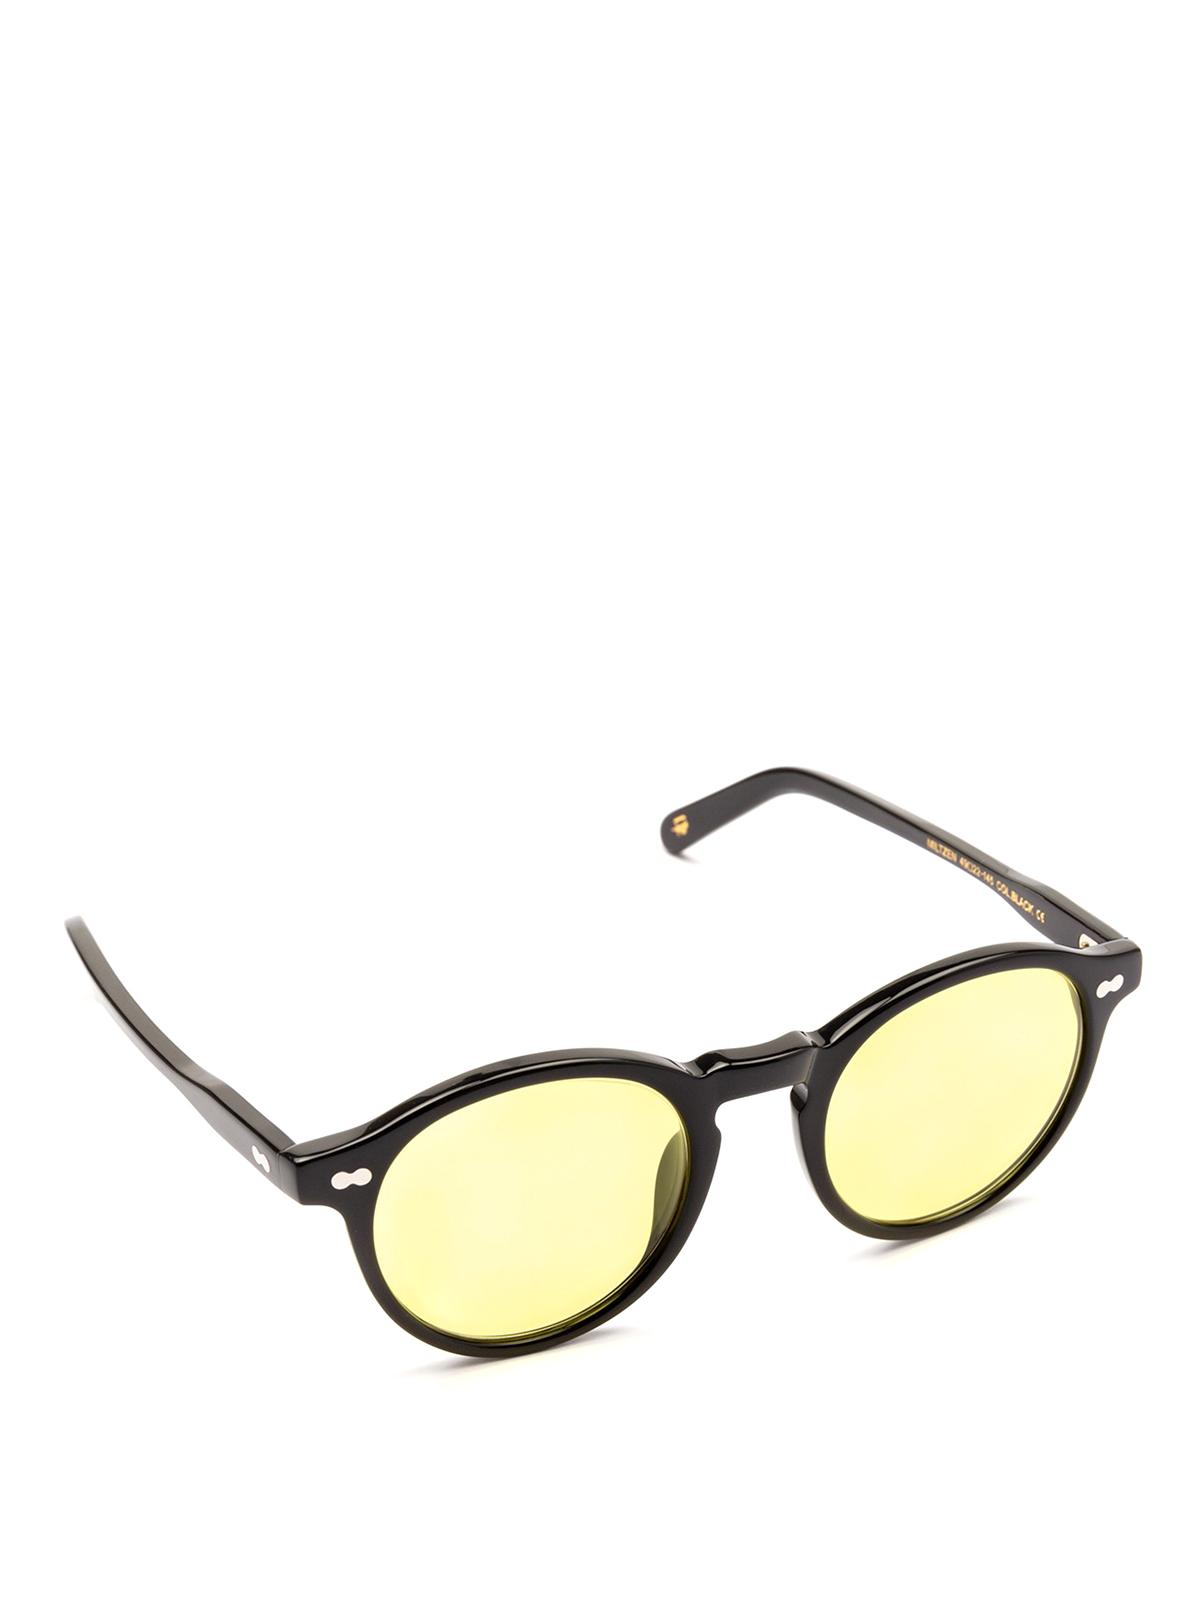 f73376a9ea Moscot - Miltzen light yellow lens black sunglasses - sunglasses ...